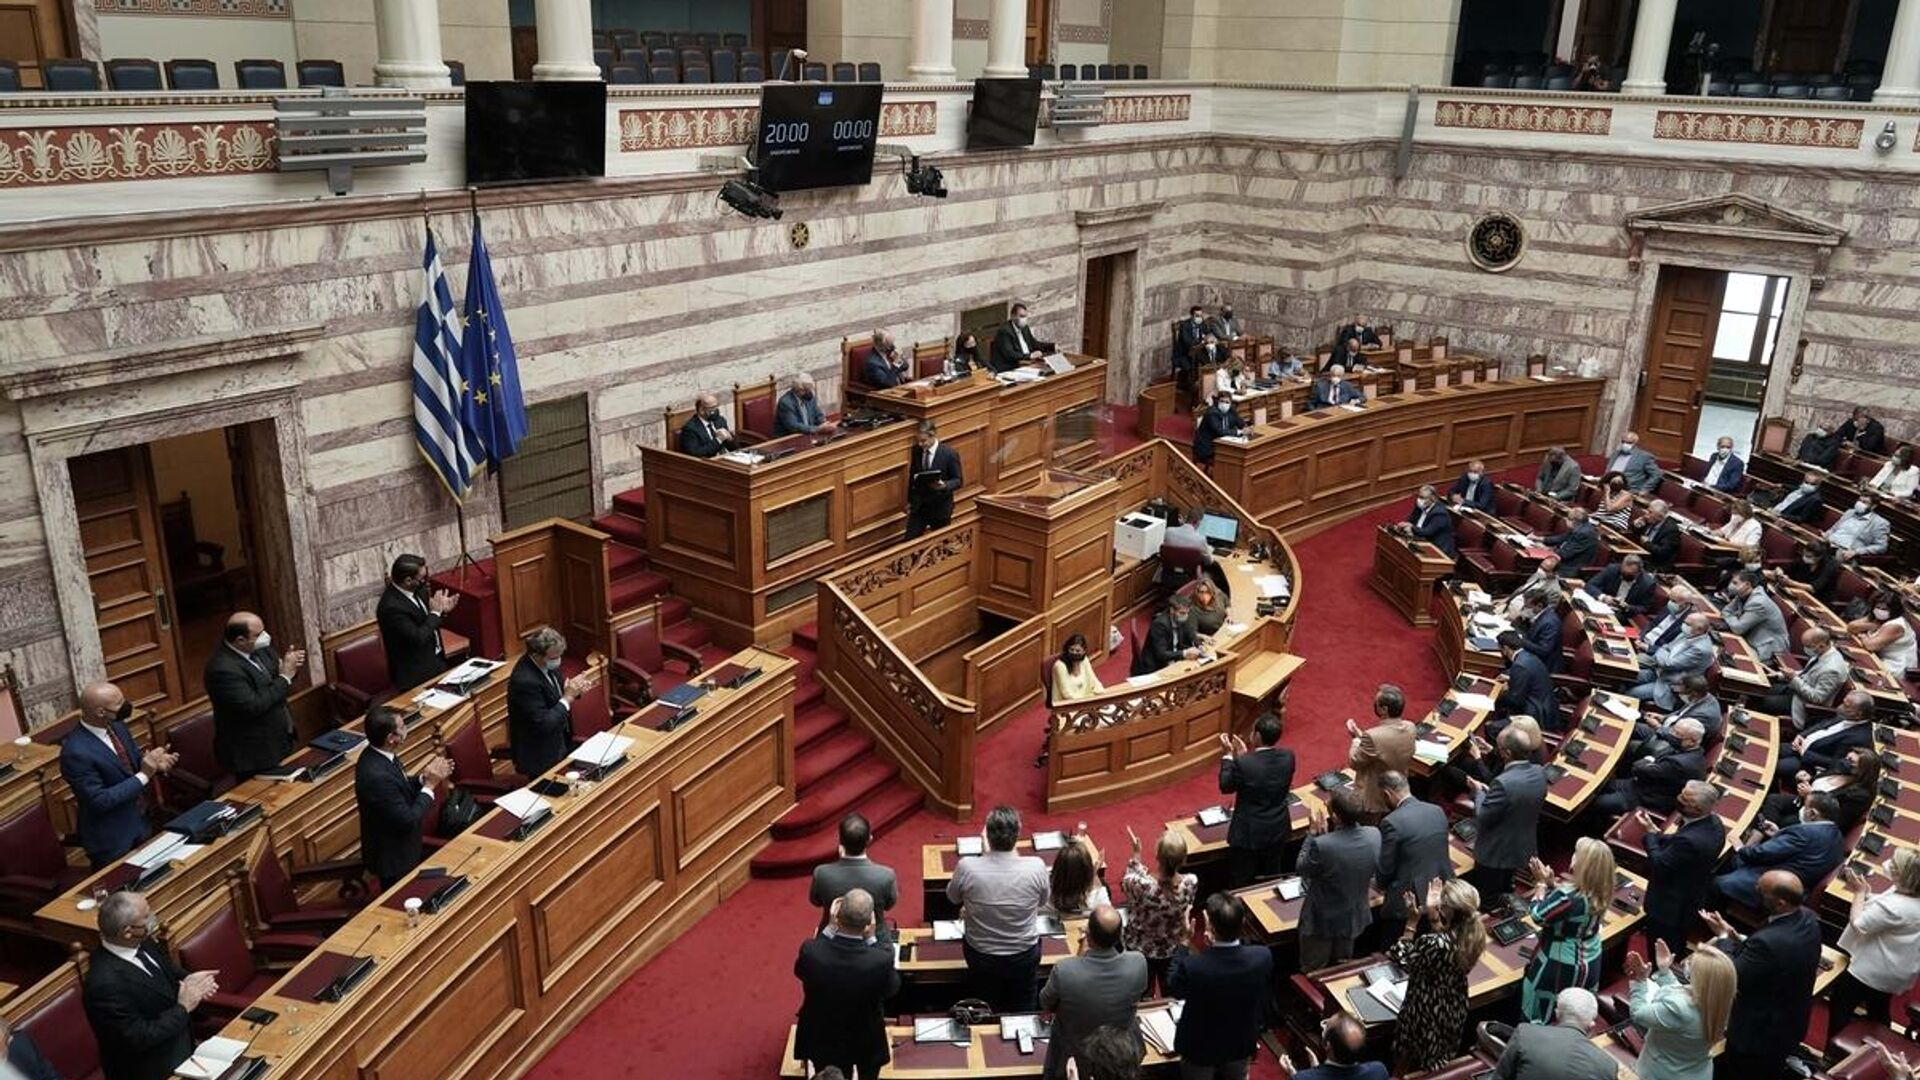 Συζήτηση στη Βουλή για τη διαχείριση των καταστροφικών πυρκαγιών και τα μέτρα αποκατάστασης - Sputnik Ελλάδα, 1920, 07.09.2021